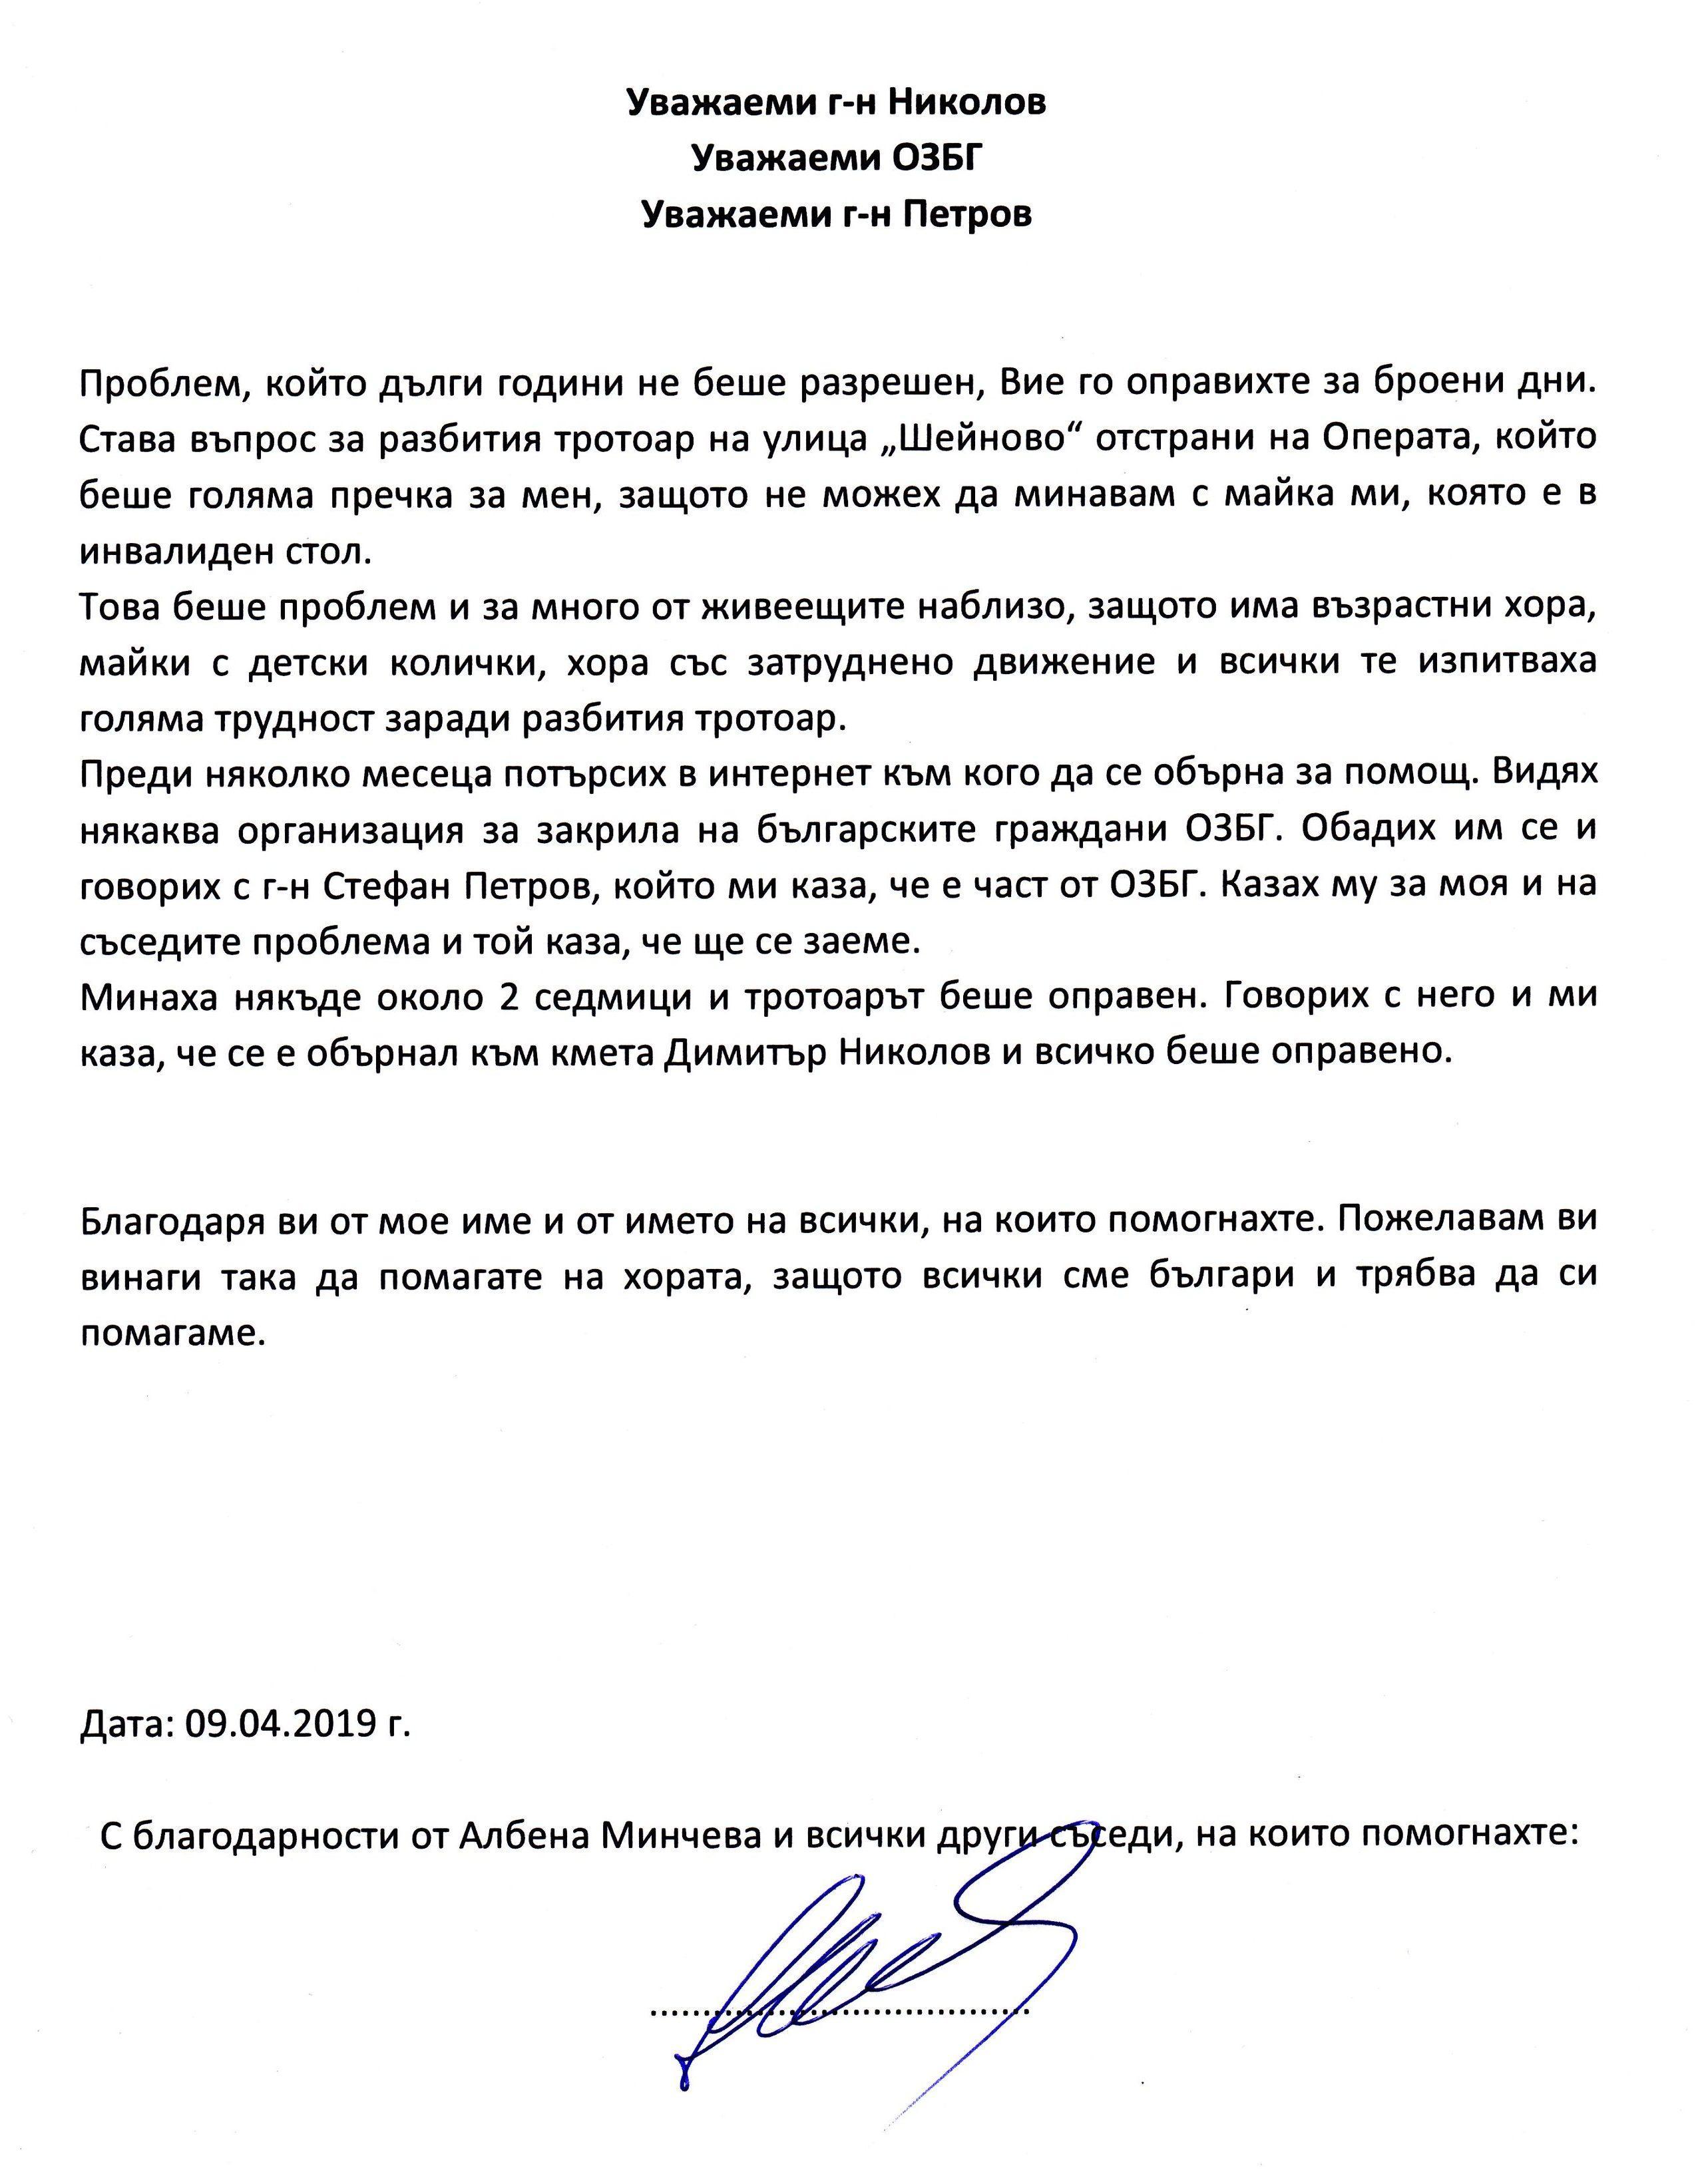 Благодарствено писмо от граждани